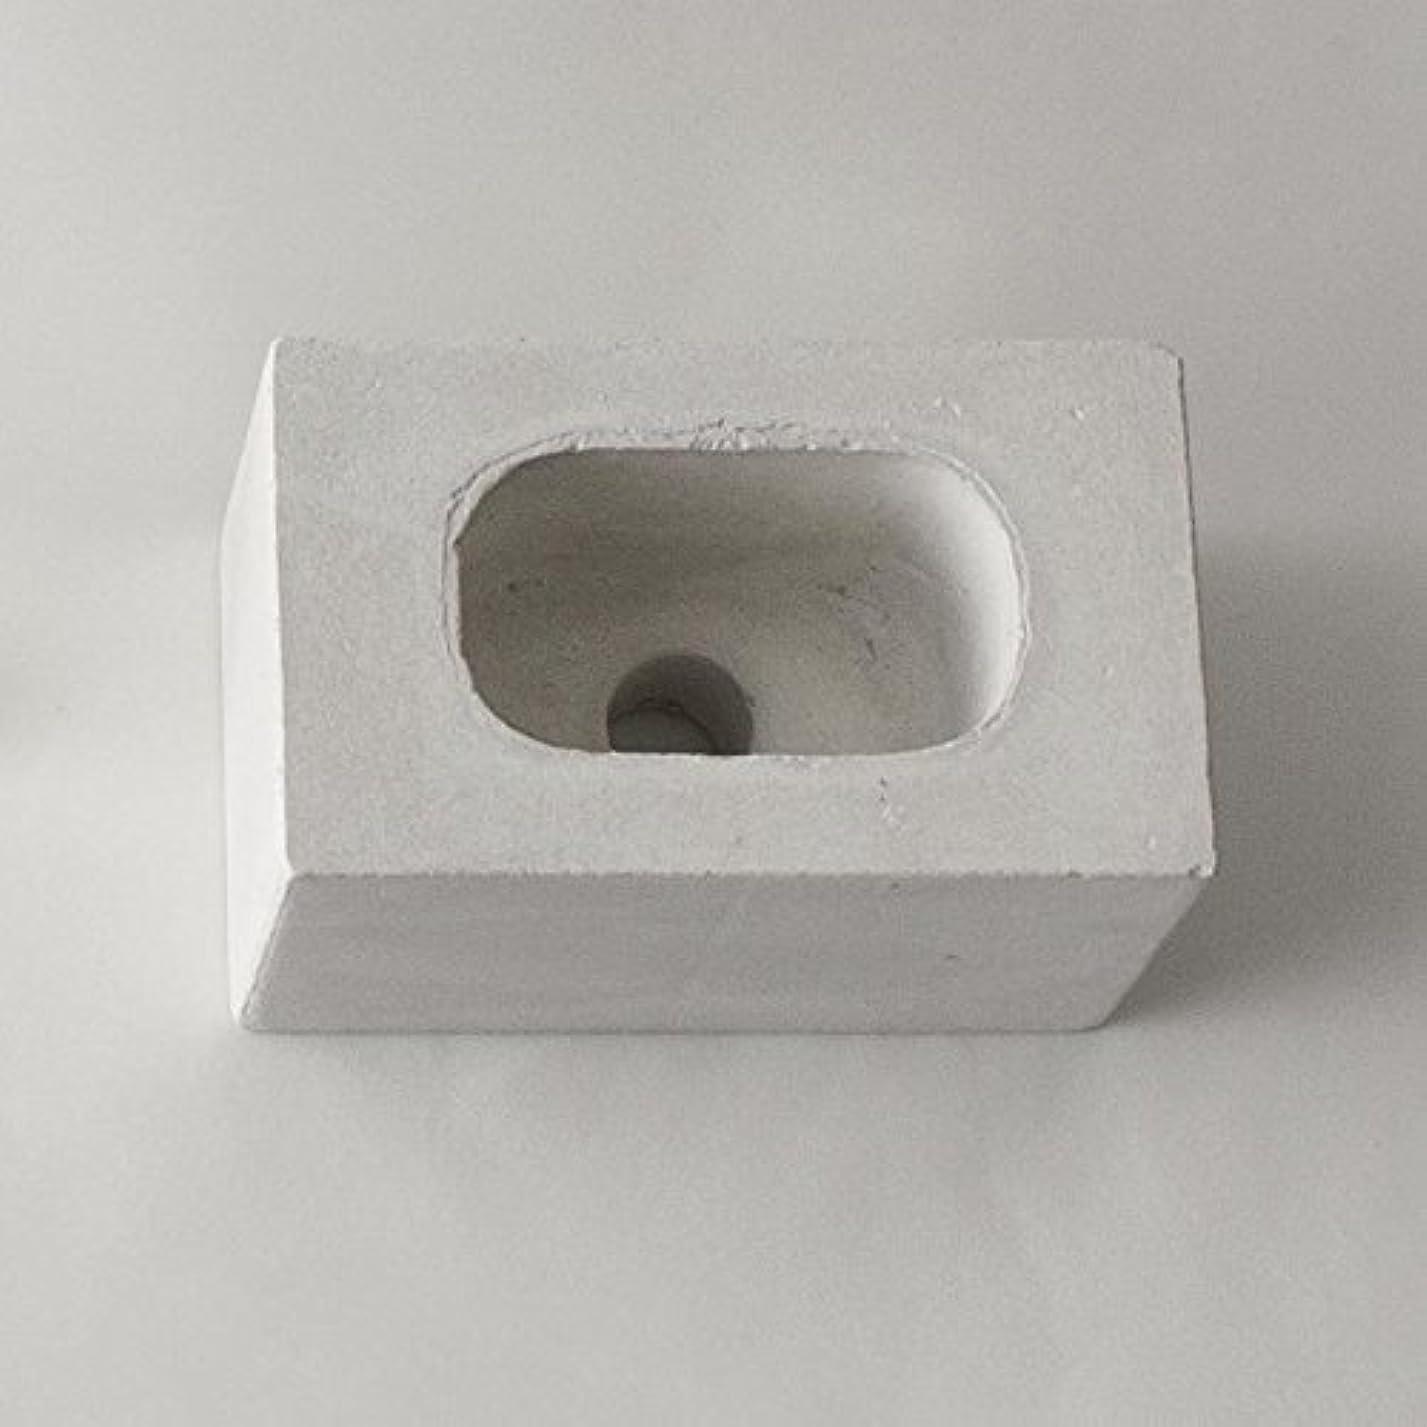 深遠新しい意味シロナガスクジラar003wh/パーツ販売?b2c ブリック用 コンクリートパーツ(スクエア)《ホワイト》| 芳香剤 ルームフレグランス リードディフューザー アロマ ディフューザー